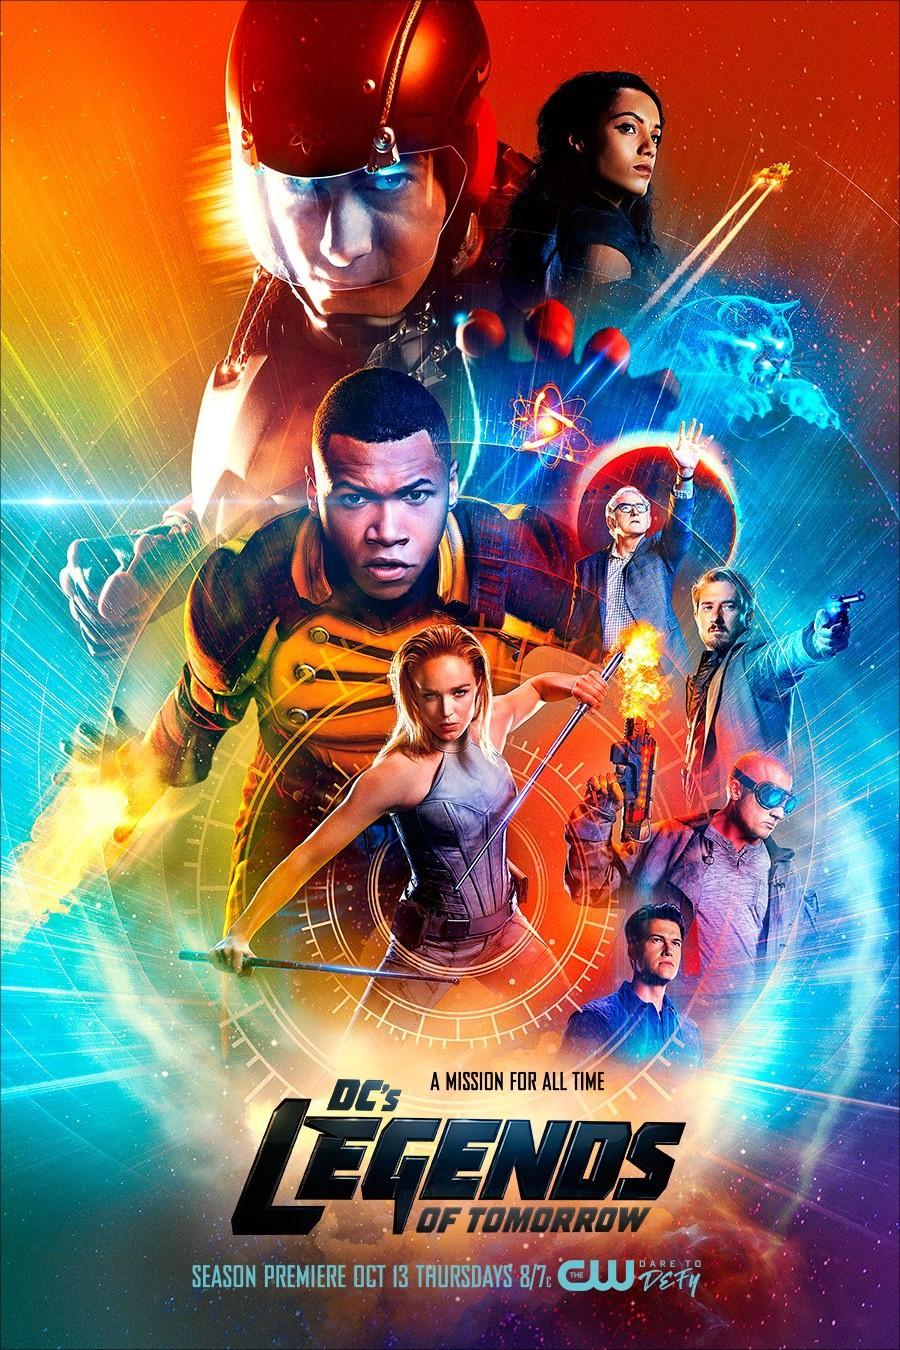 Легенды завтрашнего дня 1-2 сезон 1-12 серия СУБТИТРЫ | DC's Legends of Tomorrow